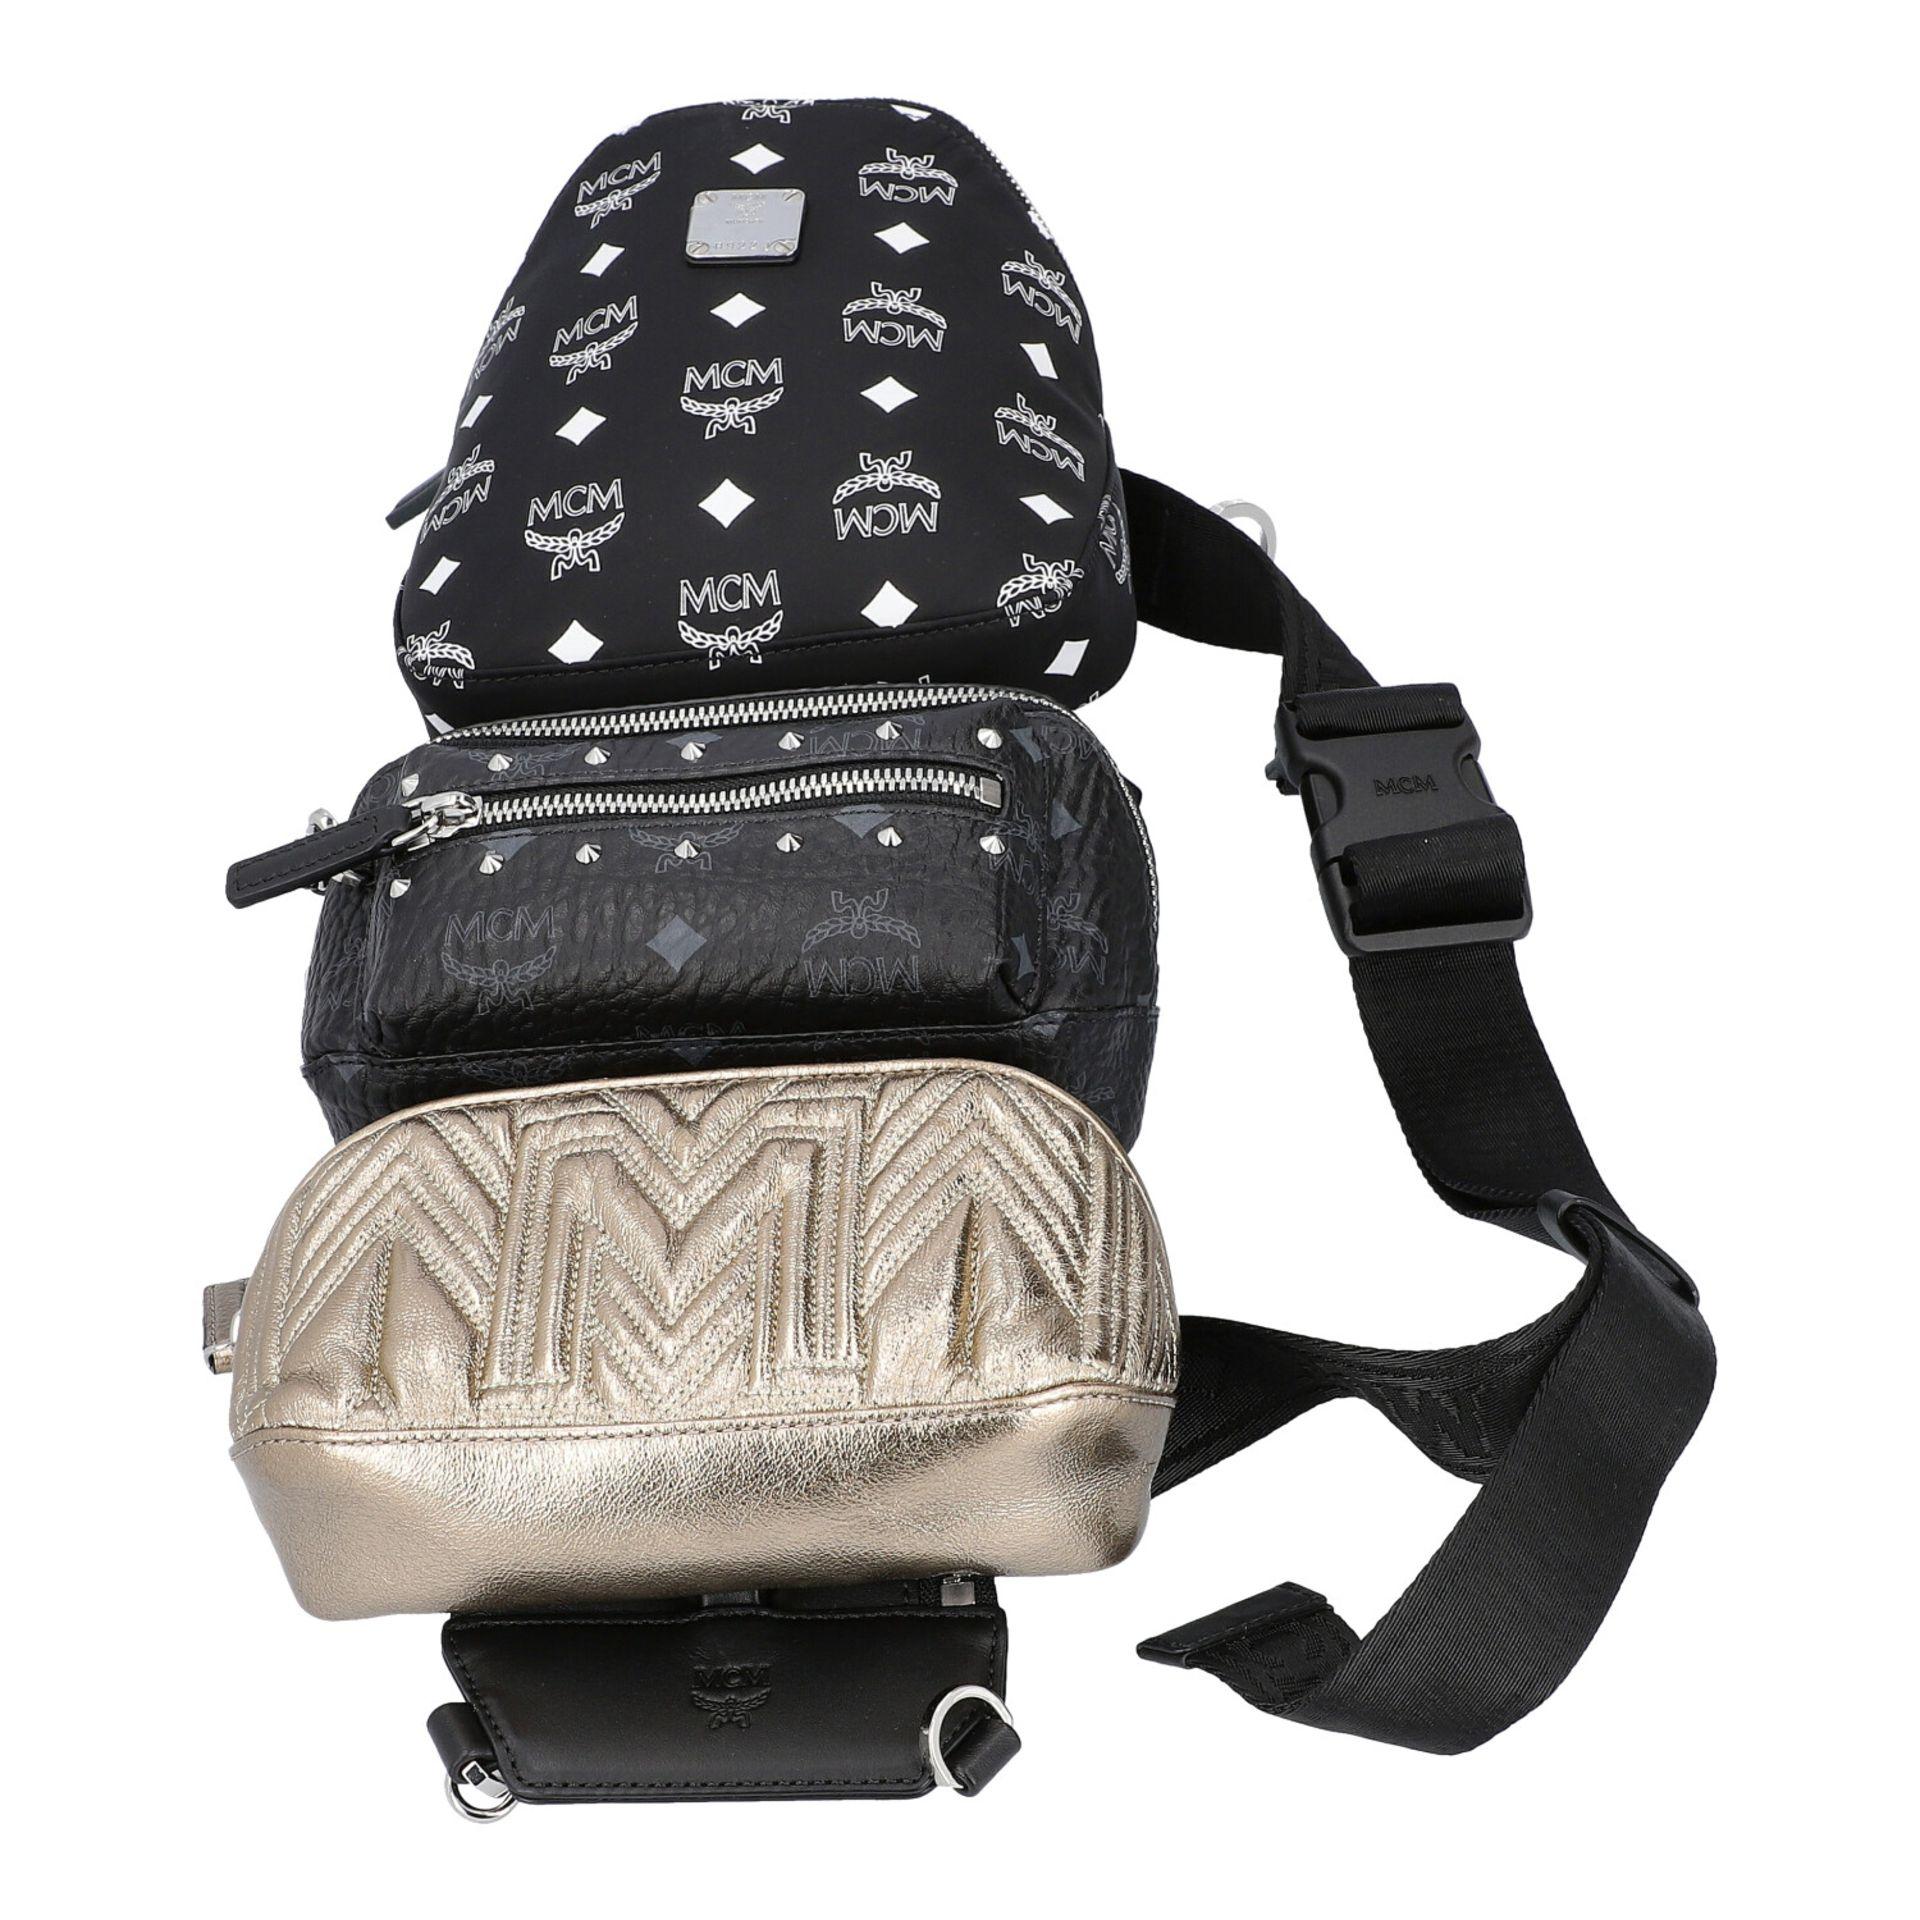 MCM Multi-Bag, akt. NP.: 995,-€. Dreifache Tasche bestehend aus drei einzelnen Model - Image 5 of 5